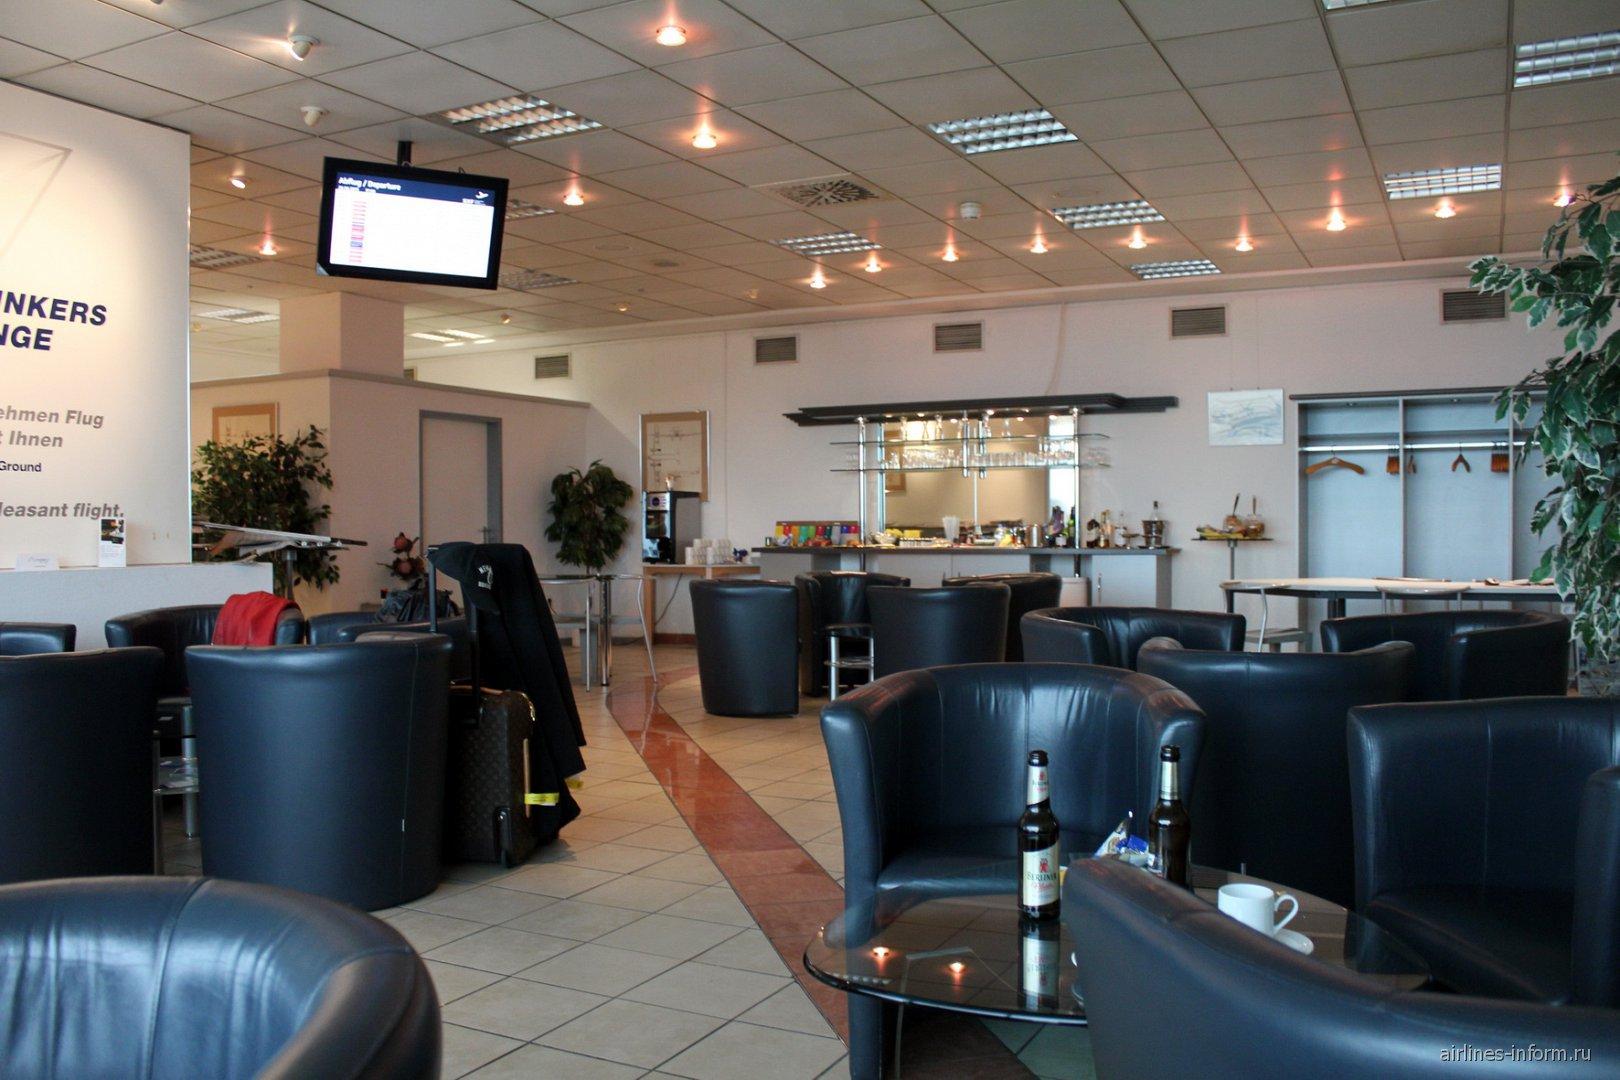 Бизнес-зал в аэропорту Берлин-Шёнефельд